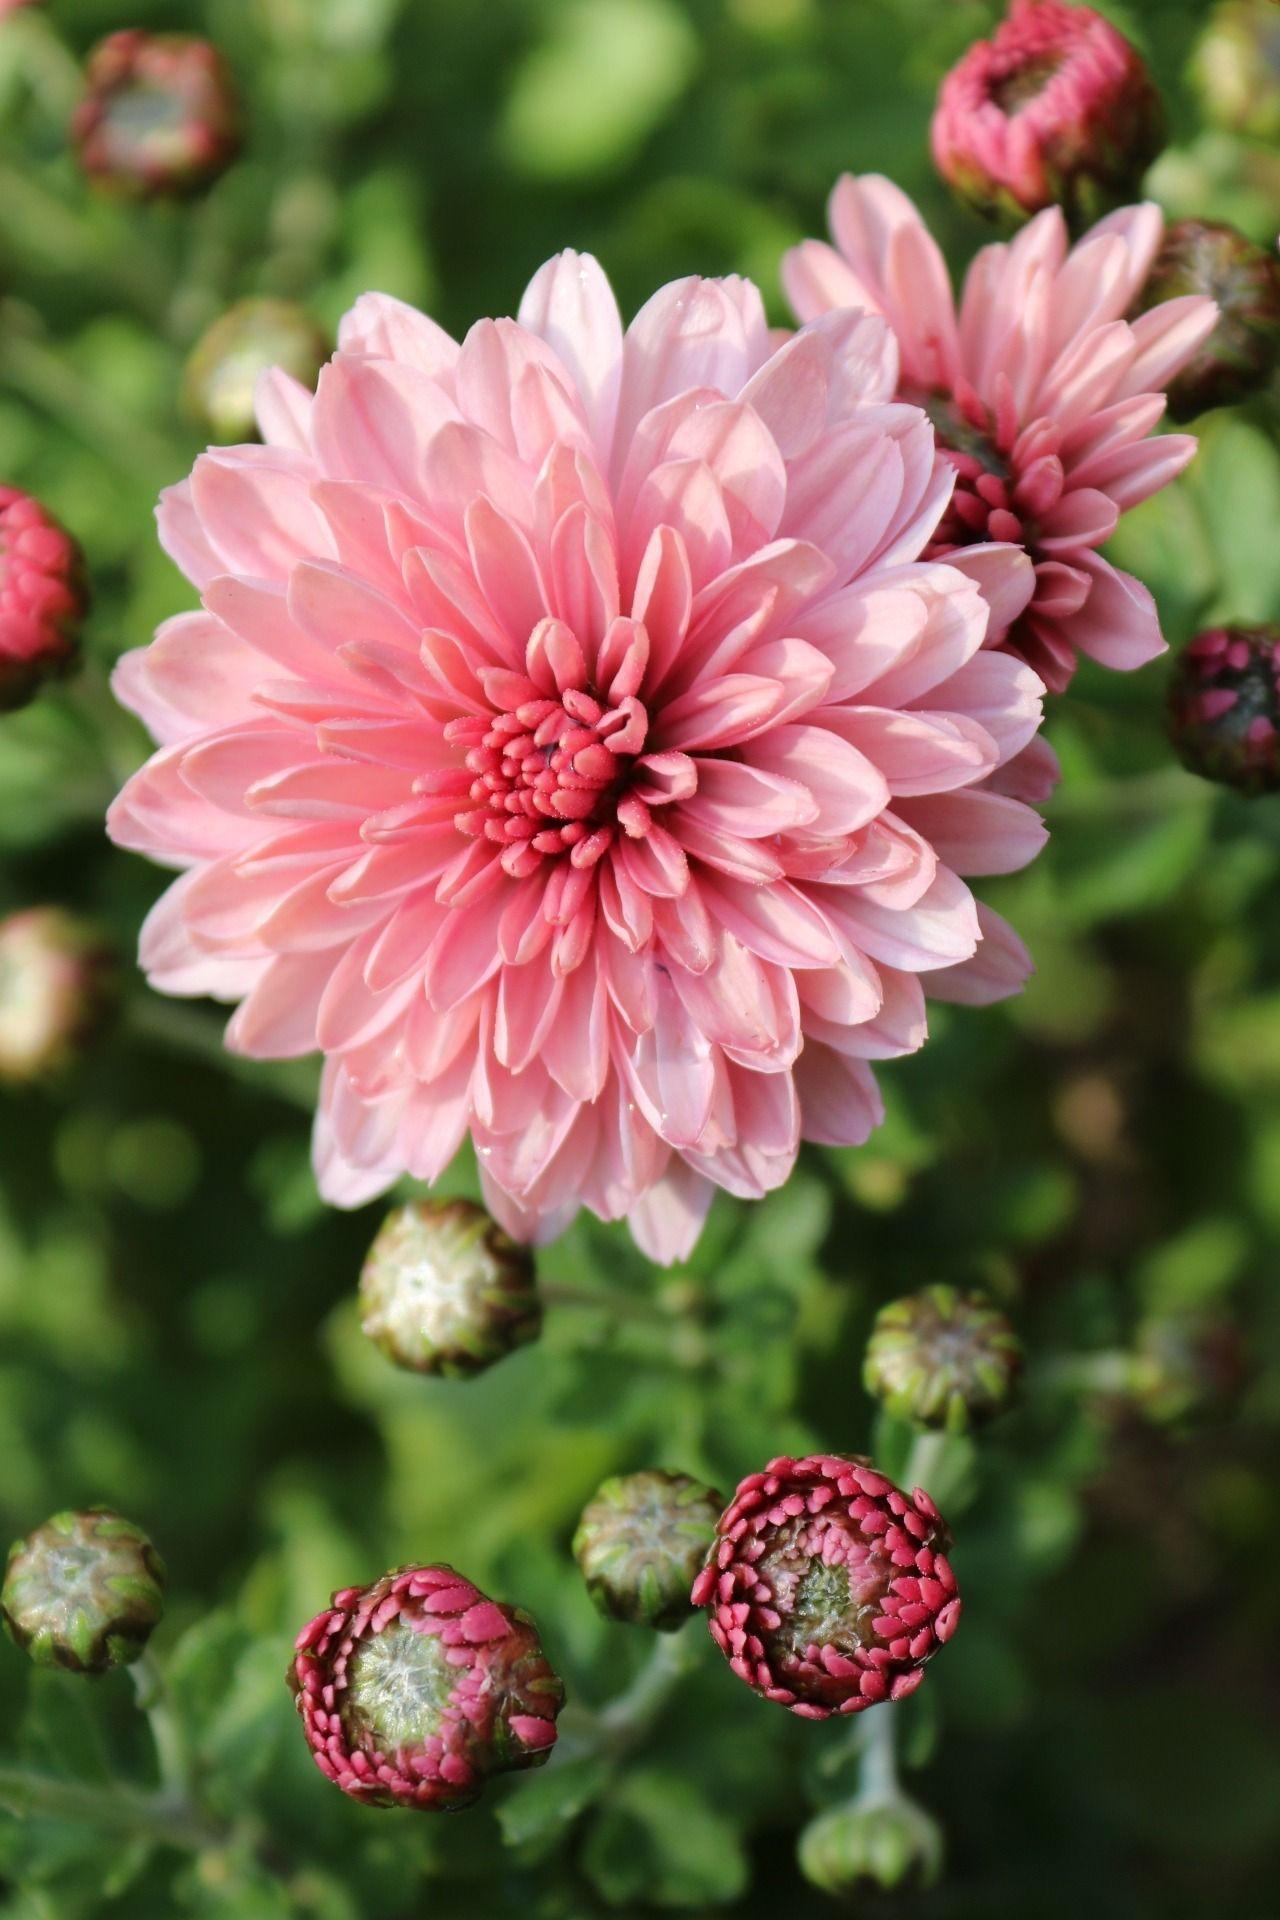 Bellasecretgarden in 2020 Chrysanthemum flower, Birth